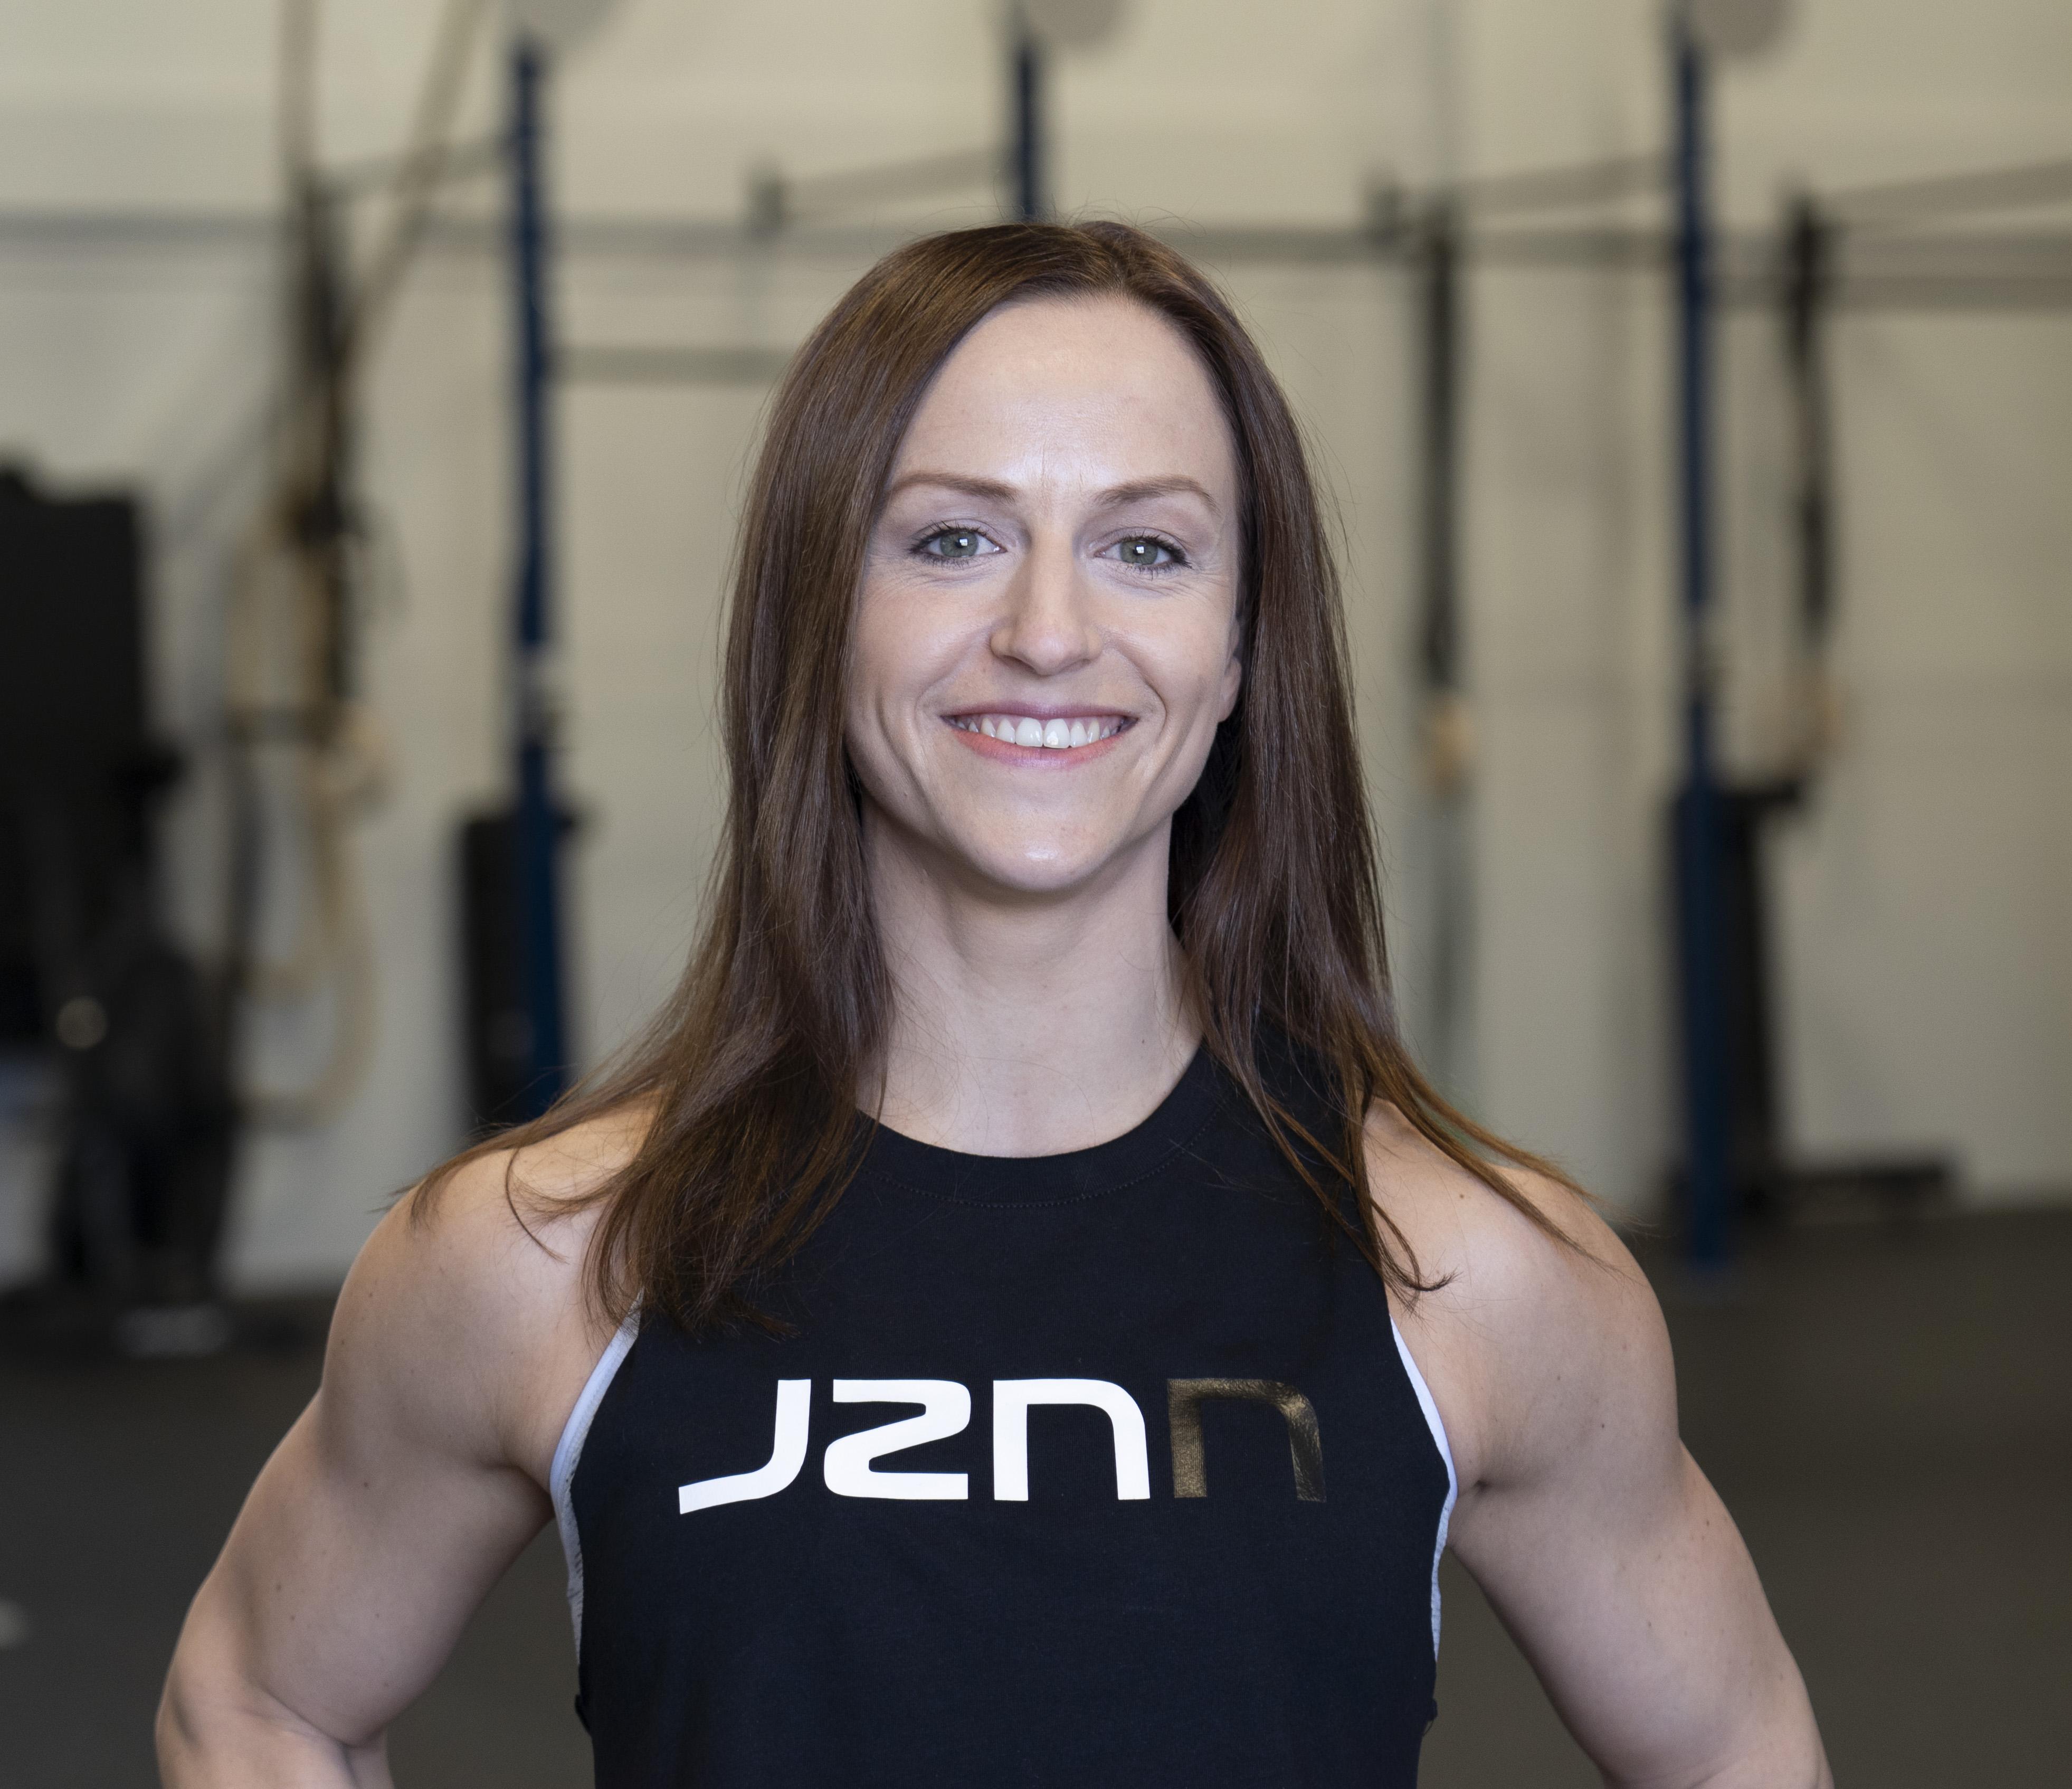 Jenn Lymburner J2N Fitness